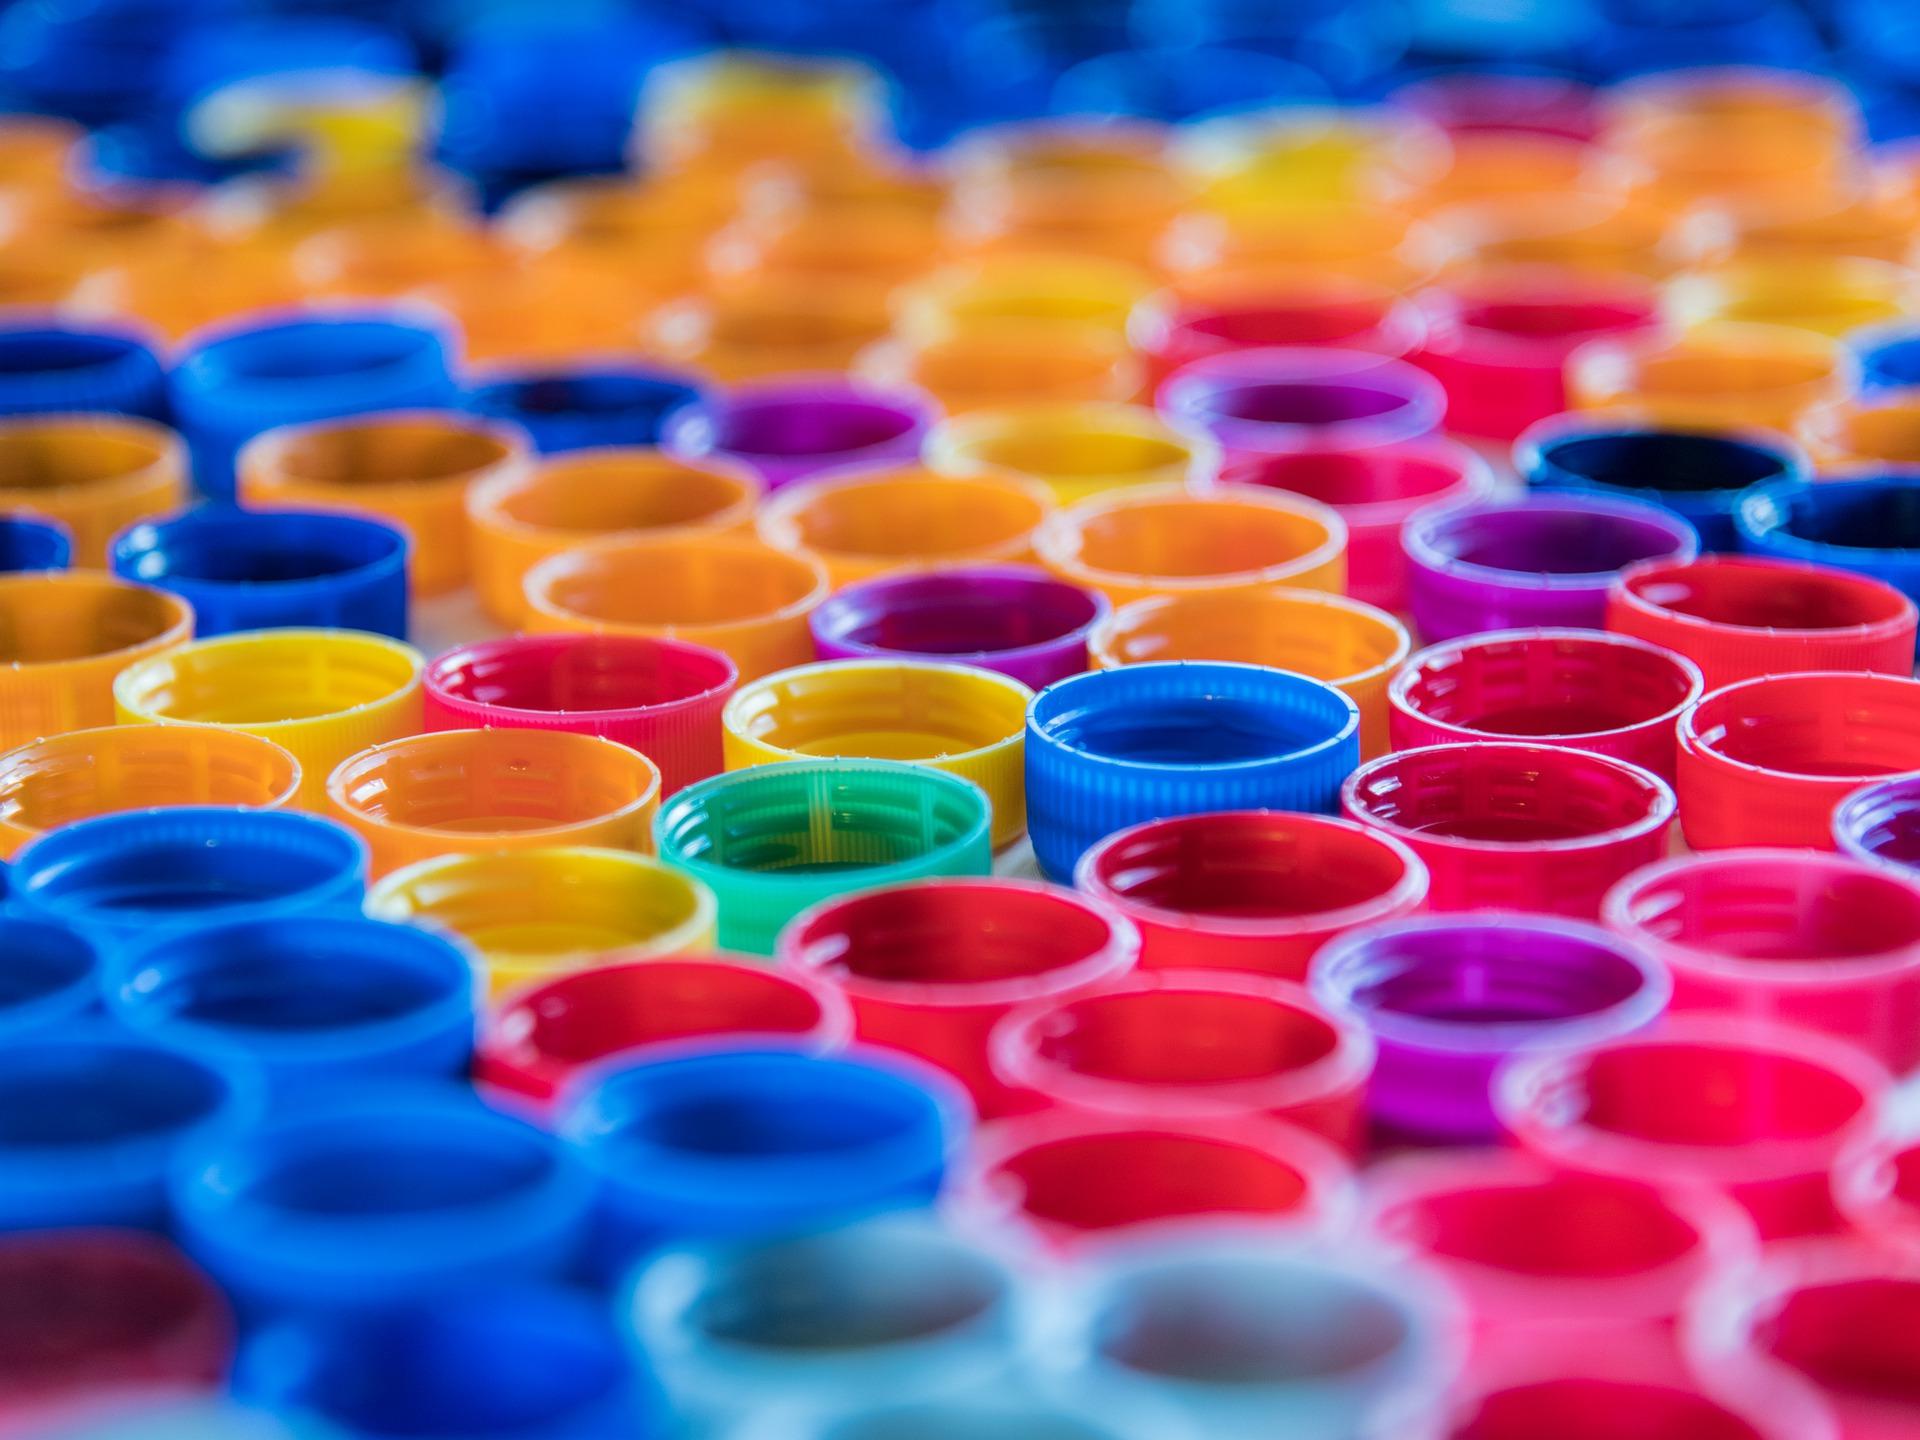 Молодые парламентарии Орехова-Борисова Южного организовали сбор пластиковых крышек